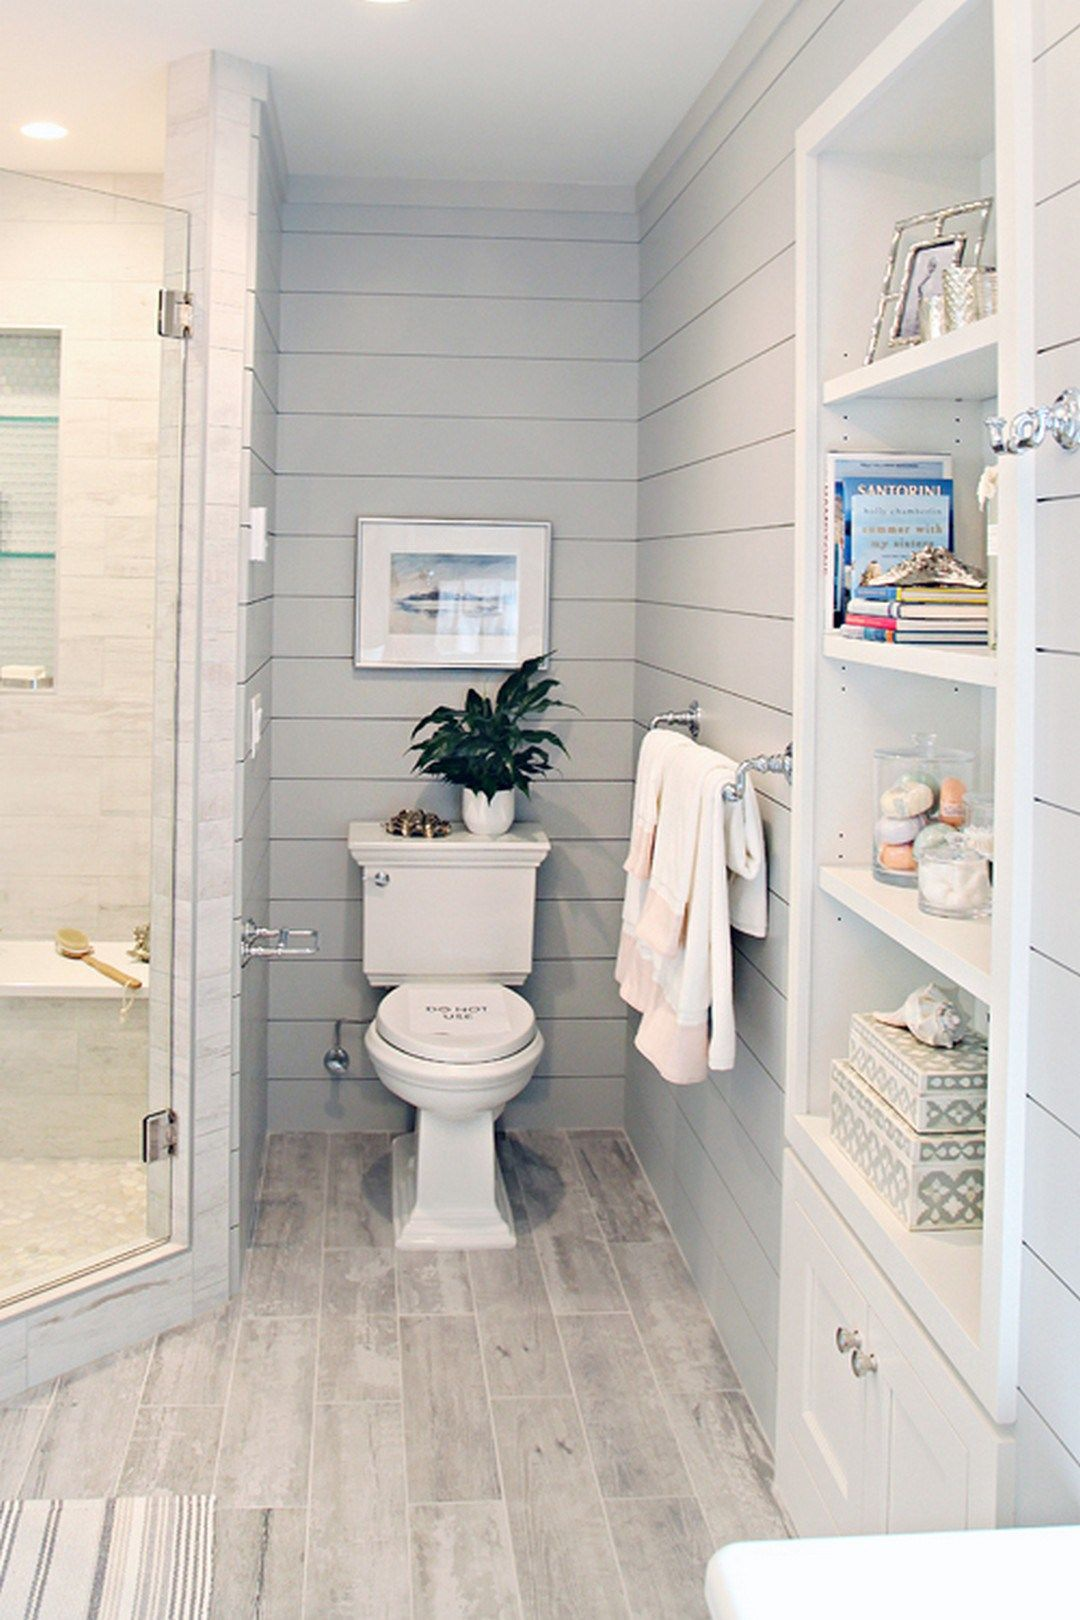 Cottage bathroom floors - 99 New Trends Bathroom Tile Design Inspiration 2017 87